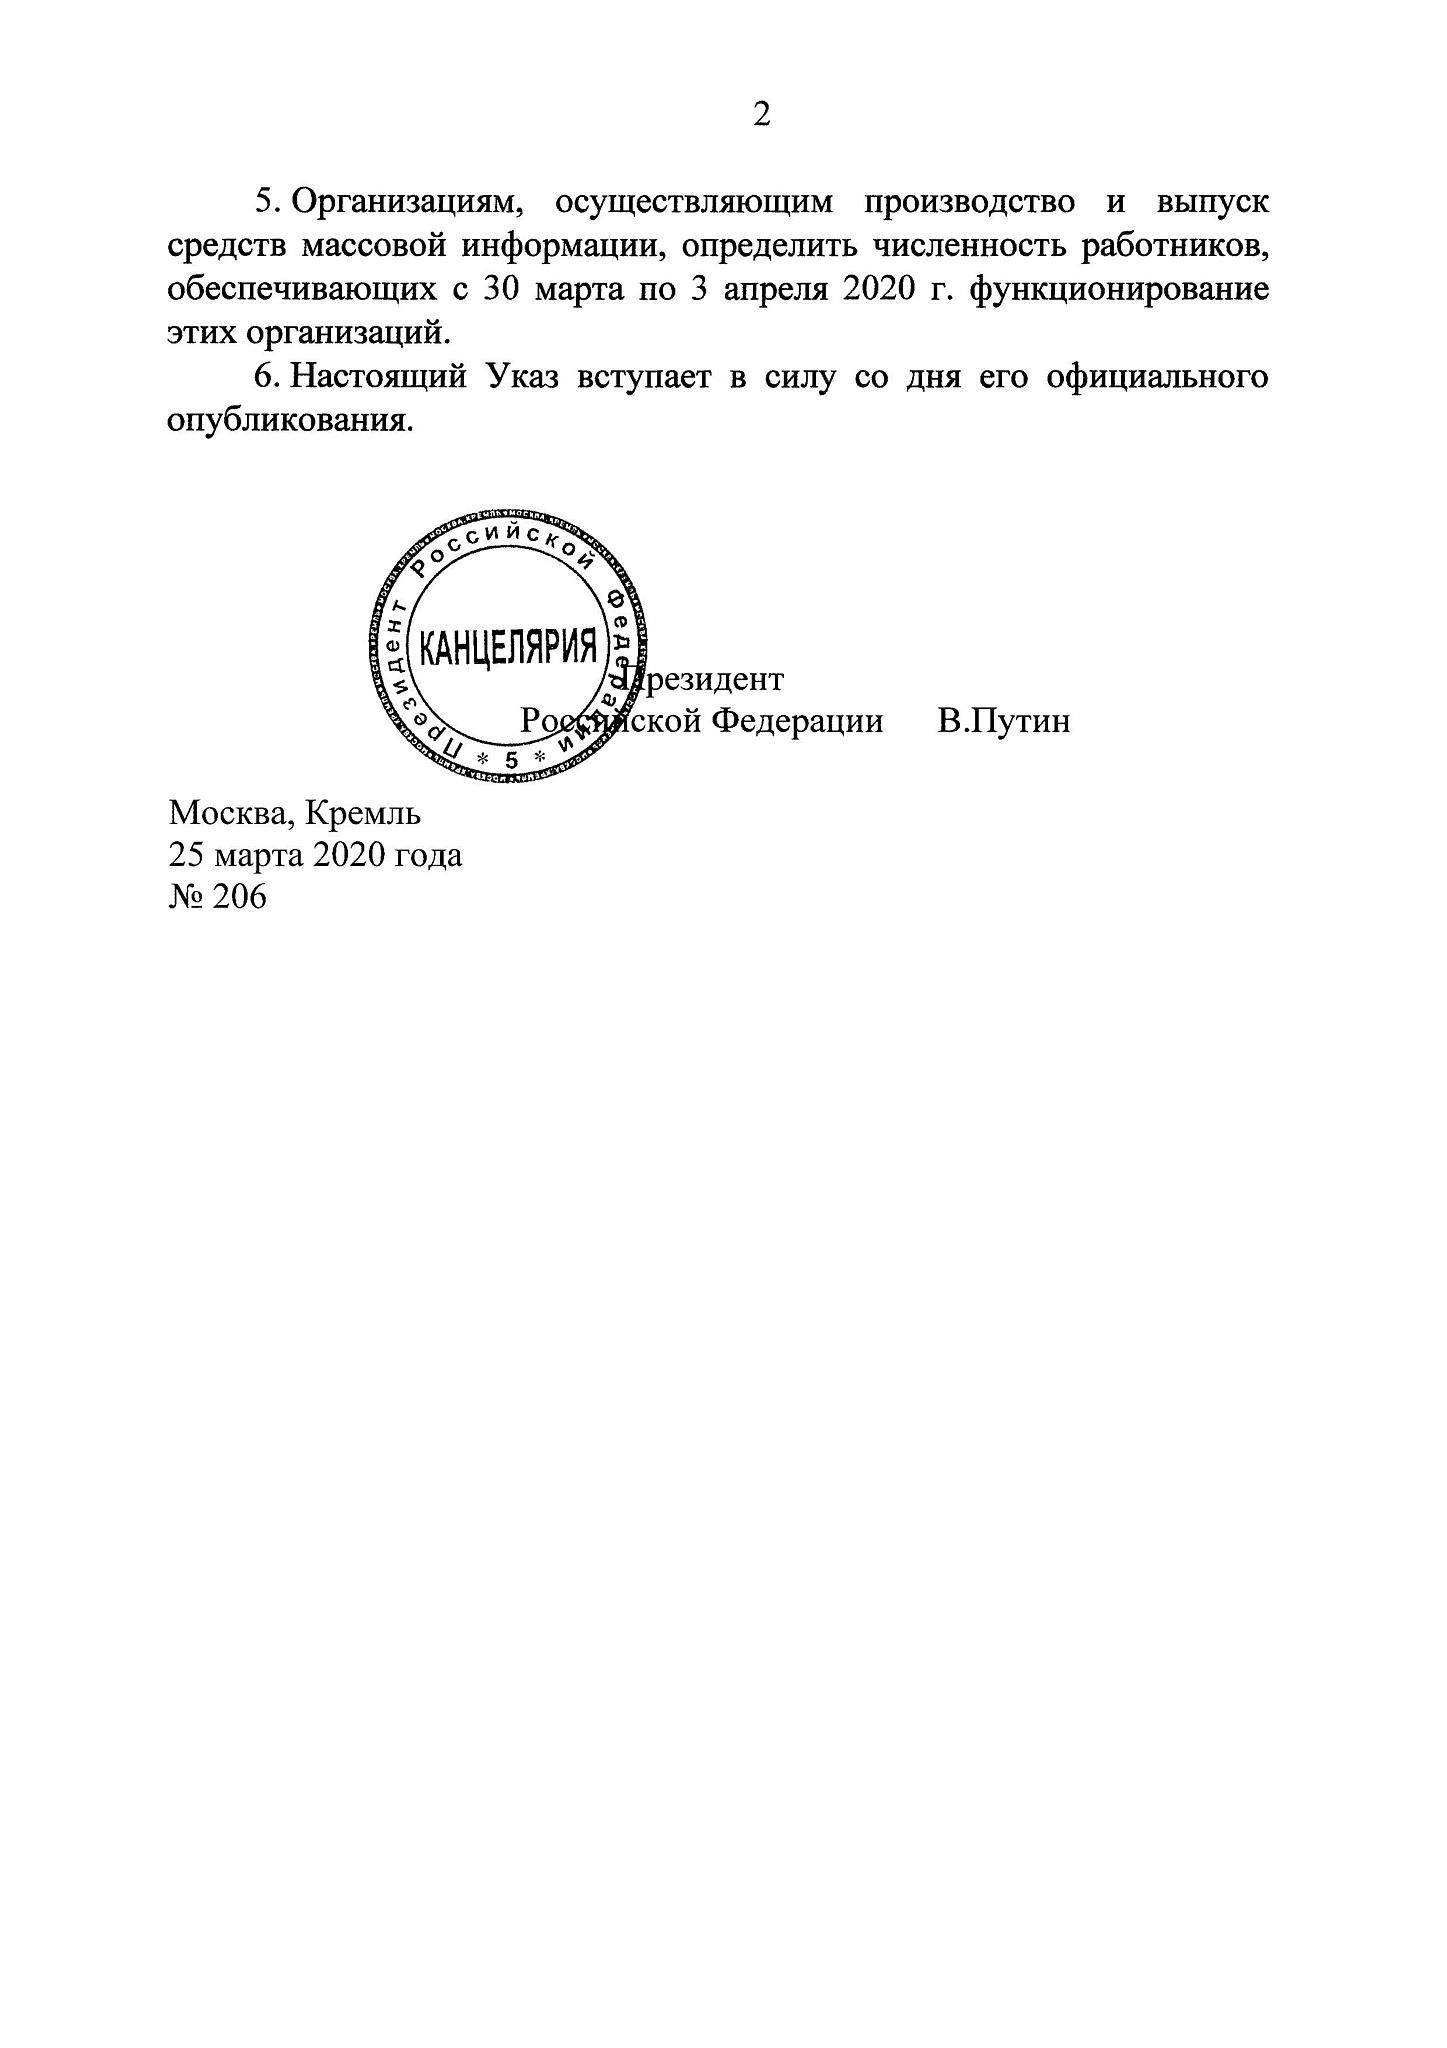 Указ № 206 от 25.03.2020 «Об объявлении в России нерабочих дней»